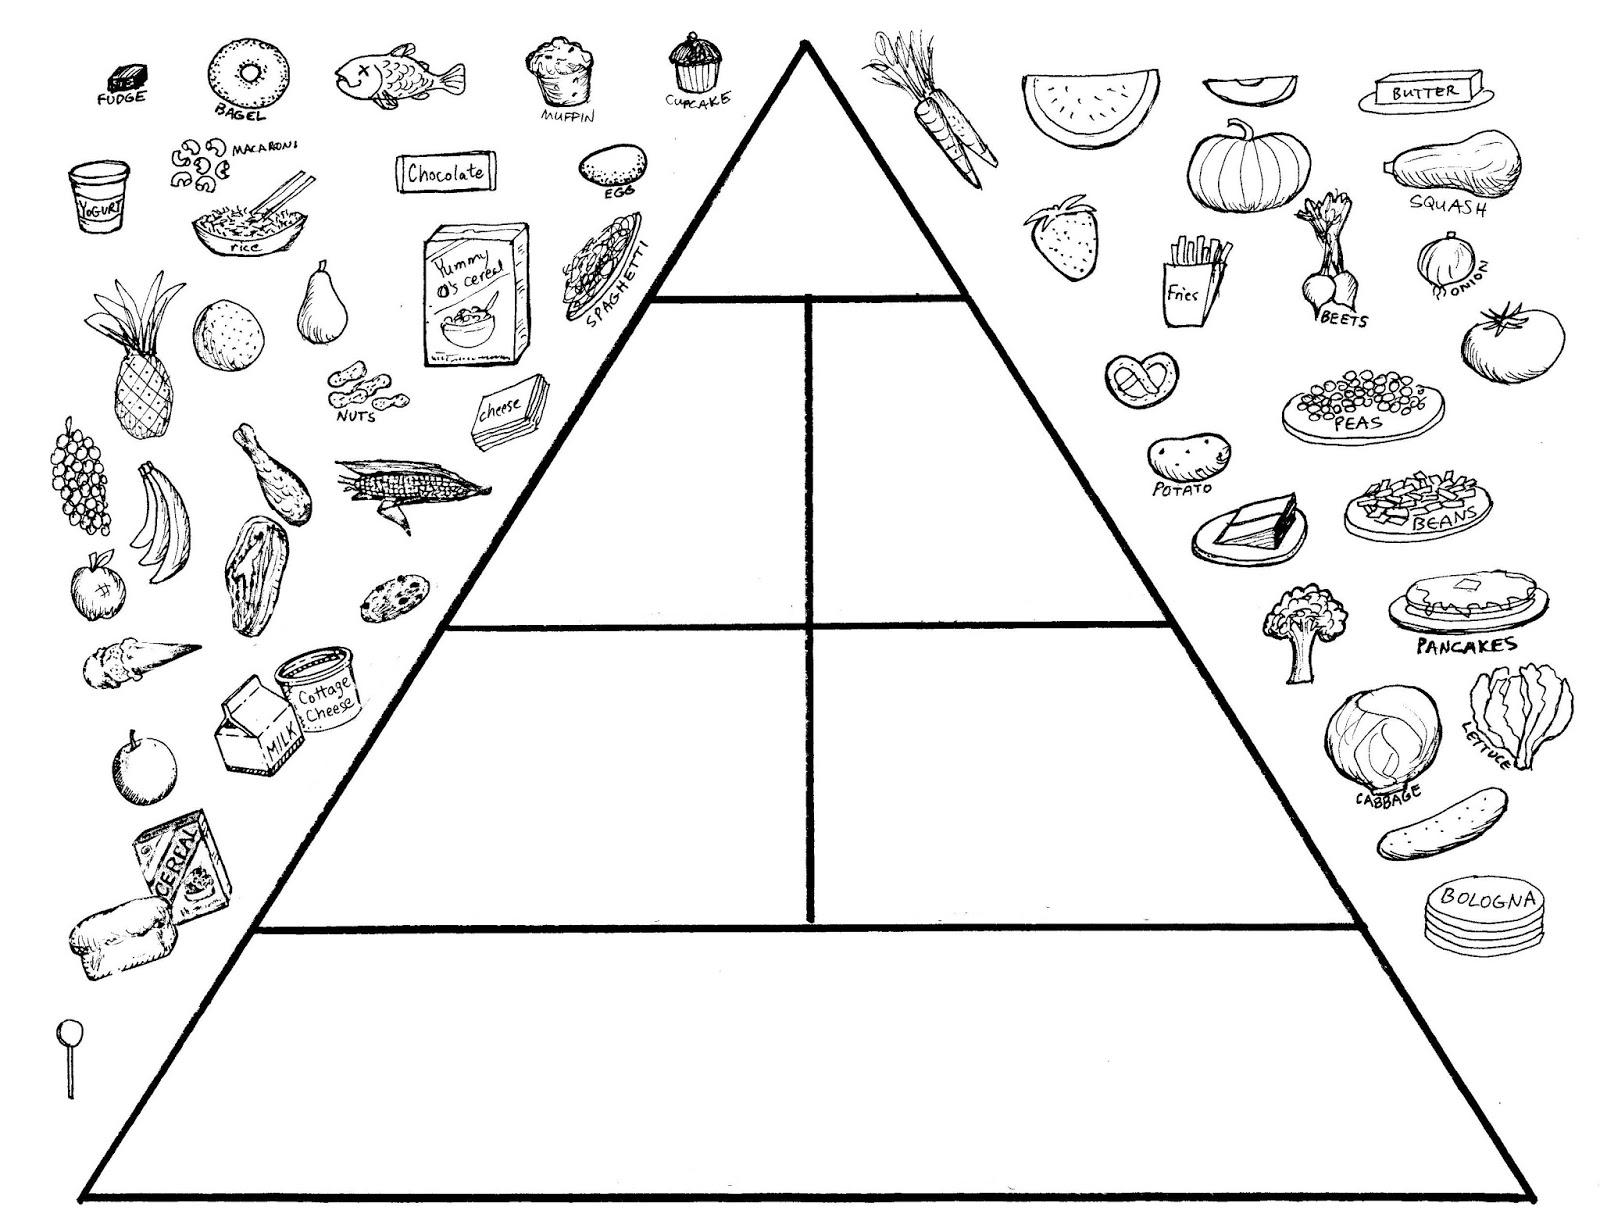 Menta m s chocolate recursos y actividades para for Food wheel template